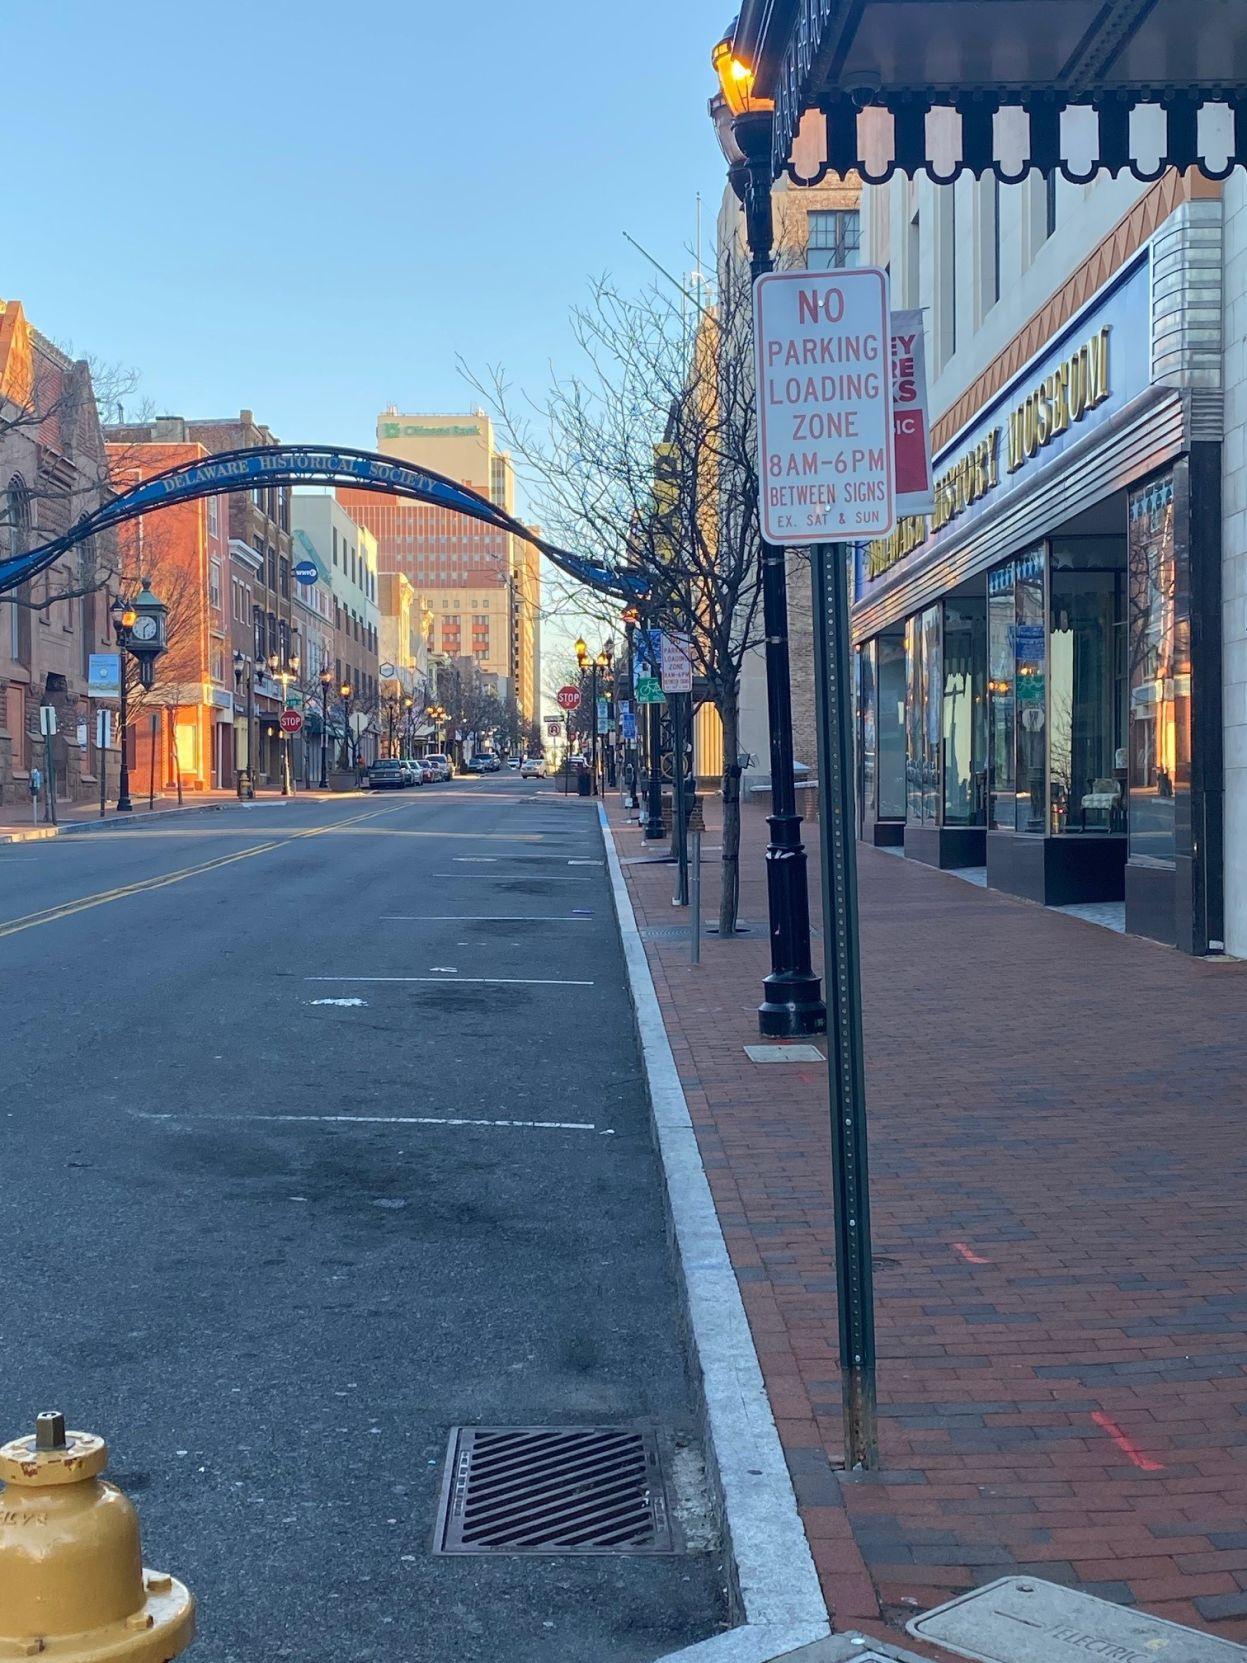 Wilmington parking by Queen